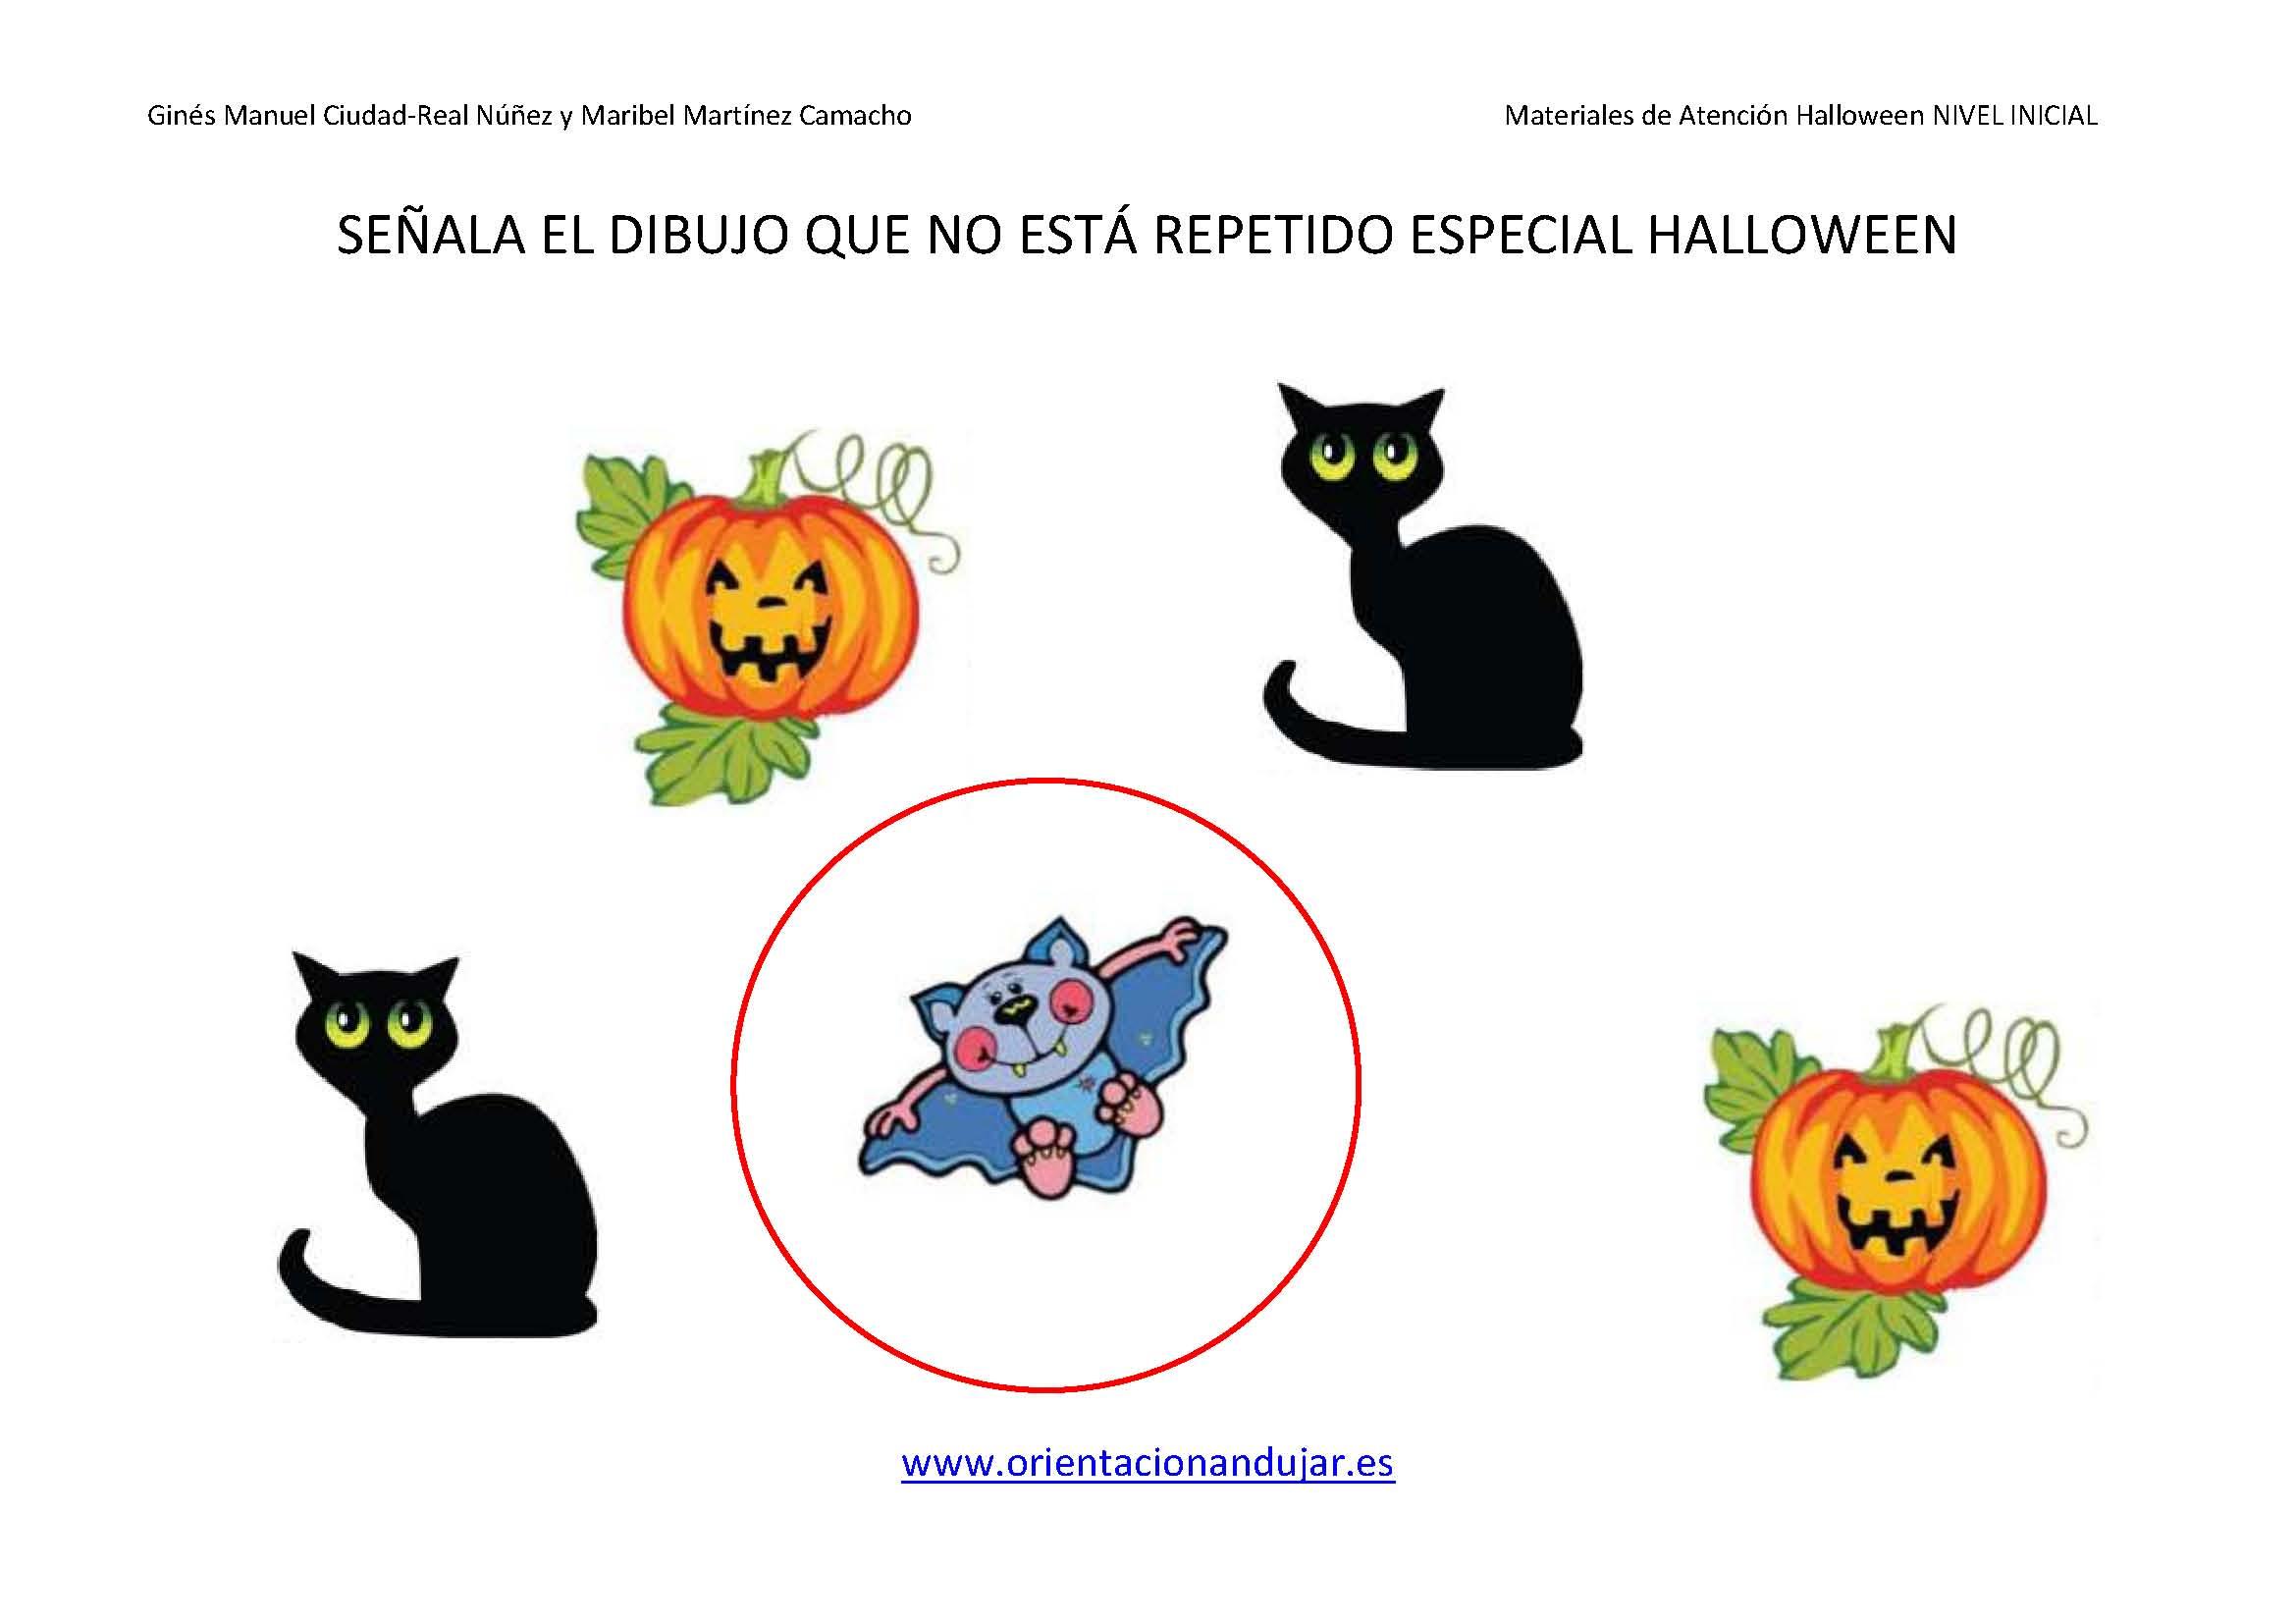 http://www.orientacionandujar.es/wp-content/uploads/2014/10/Se%C3%B1ala-EL-DIBUJO-QUE-NO-ESTA-REPETIDO-HALLOWEEN-NIVEL-INICIAL.pdf